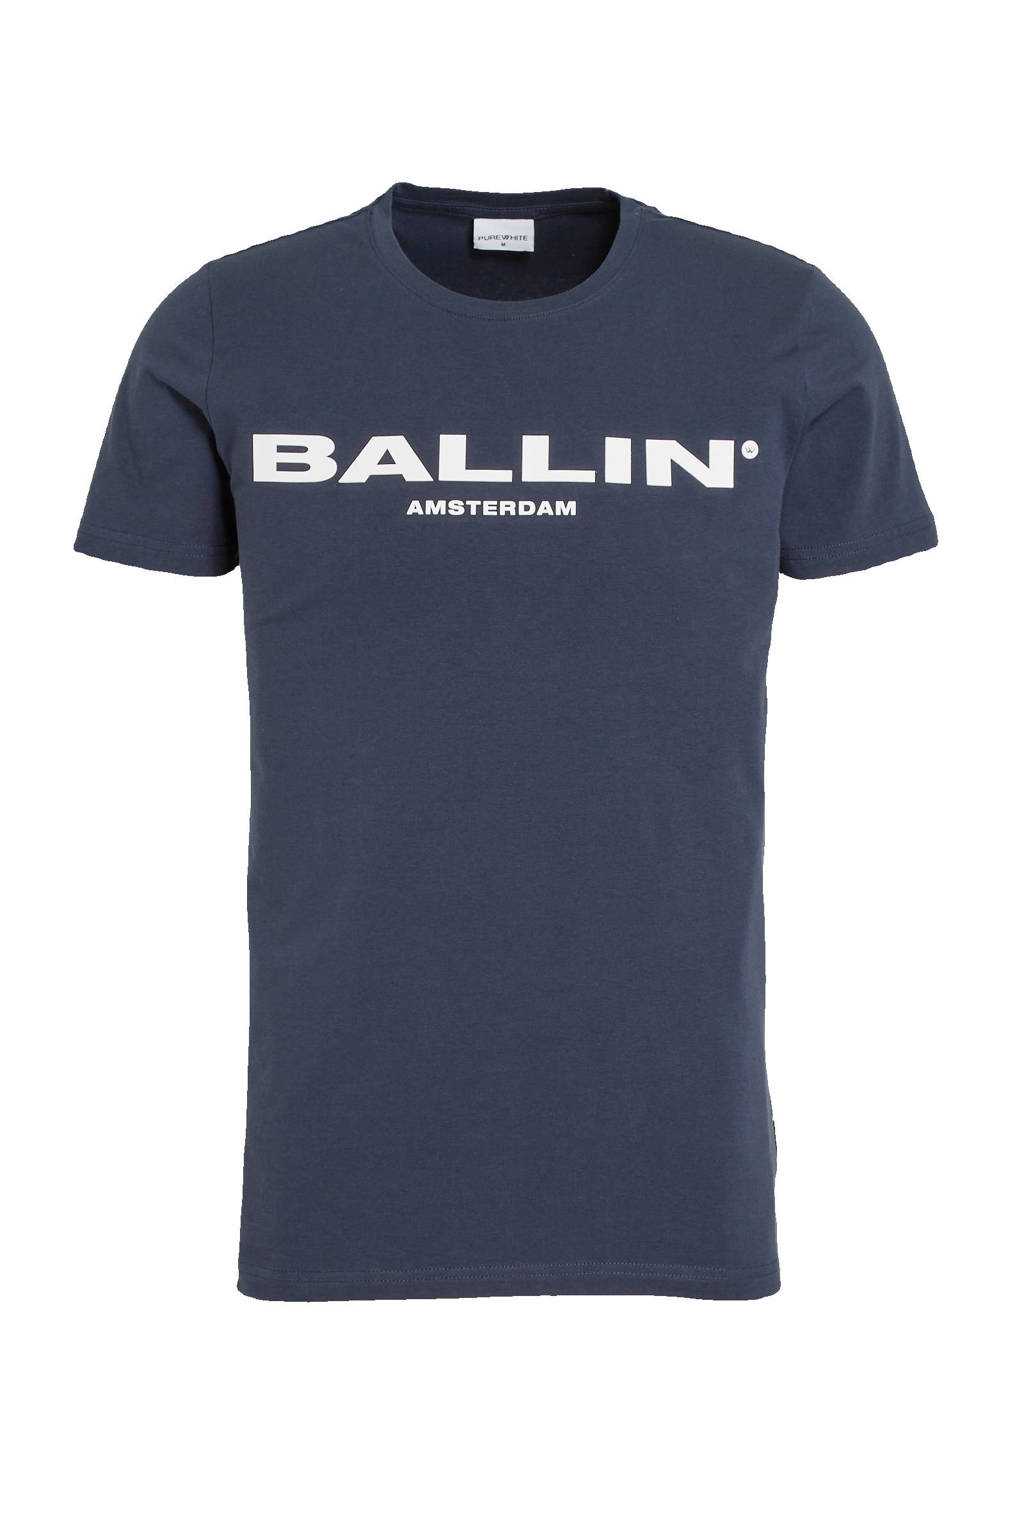 Ballin by Purewhite T-shirt met logo marine, Marine